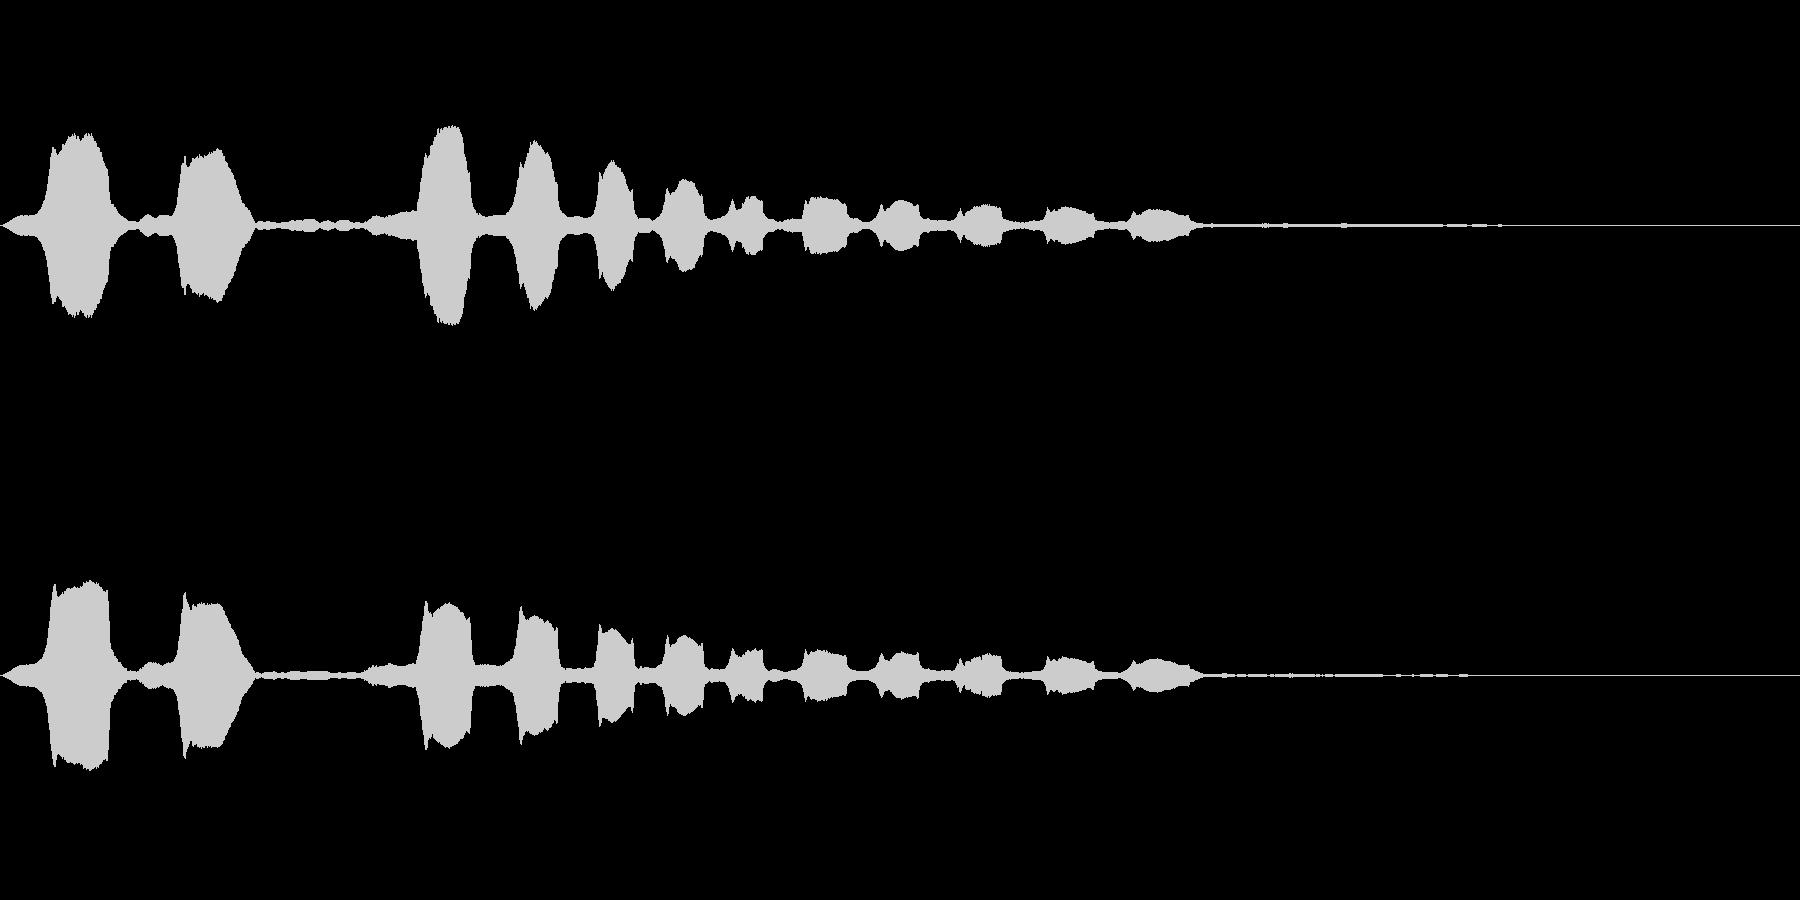 コメディタッチ (ホワンホワンホワン)の未再生の波形